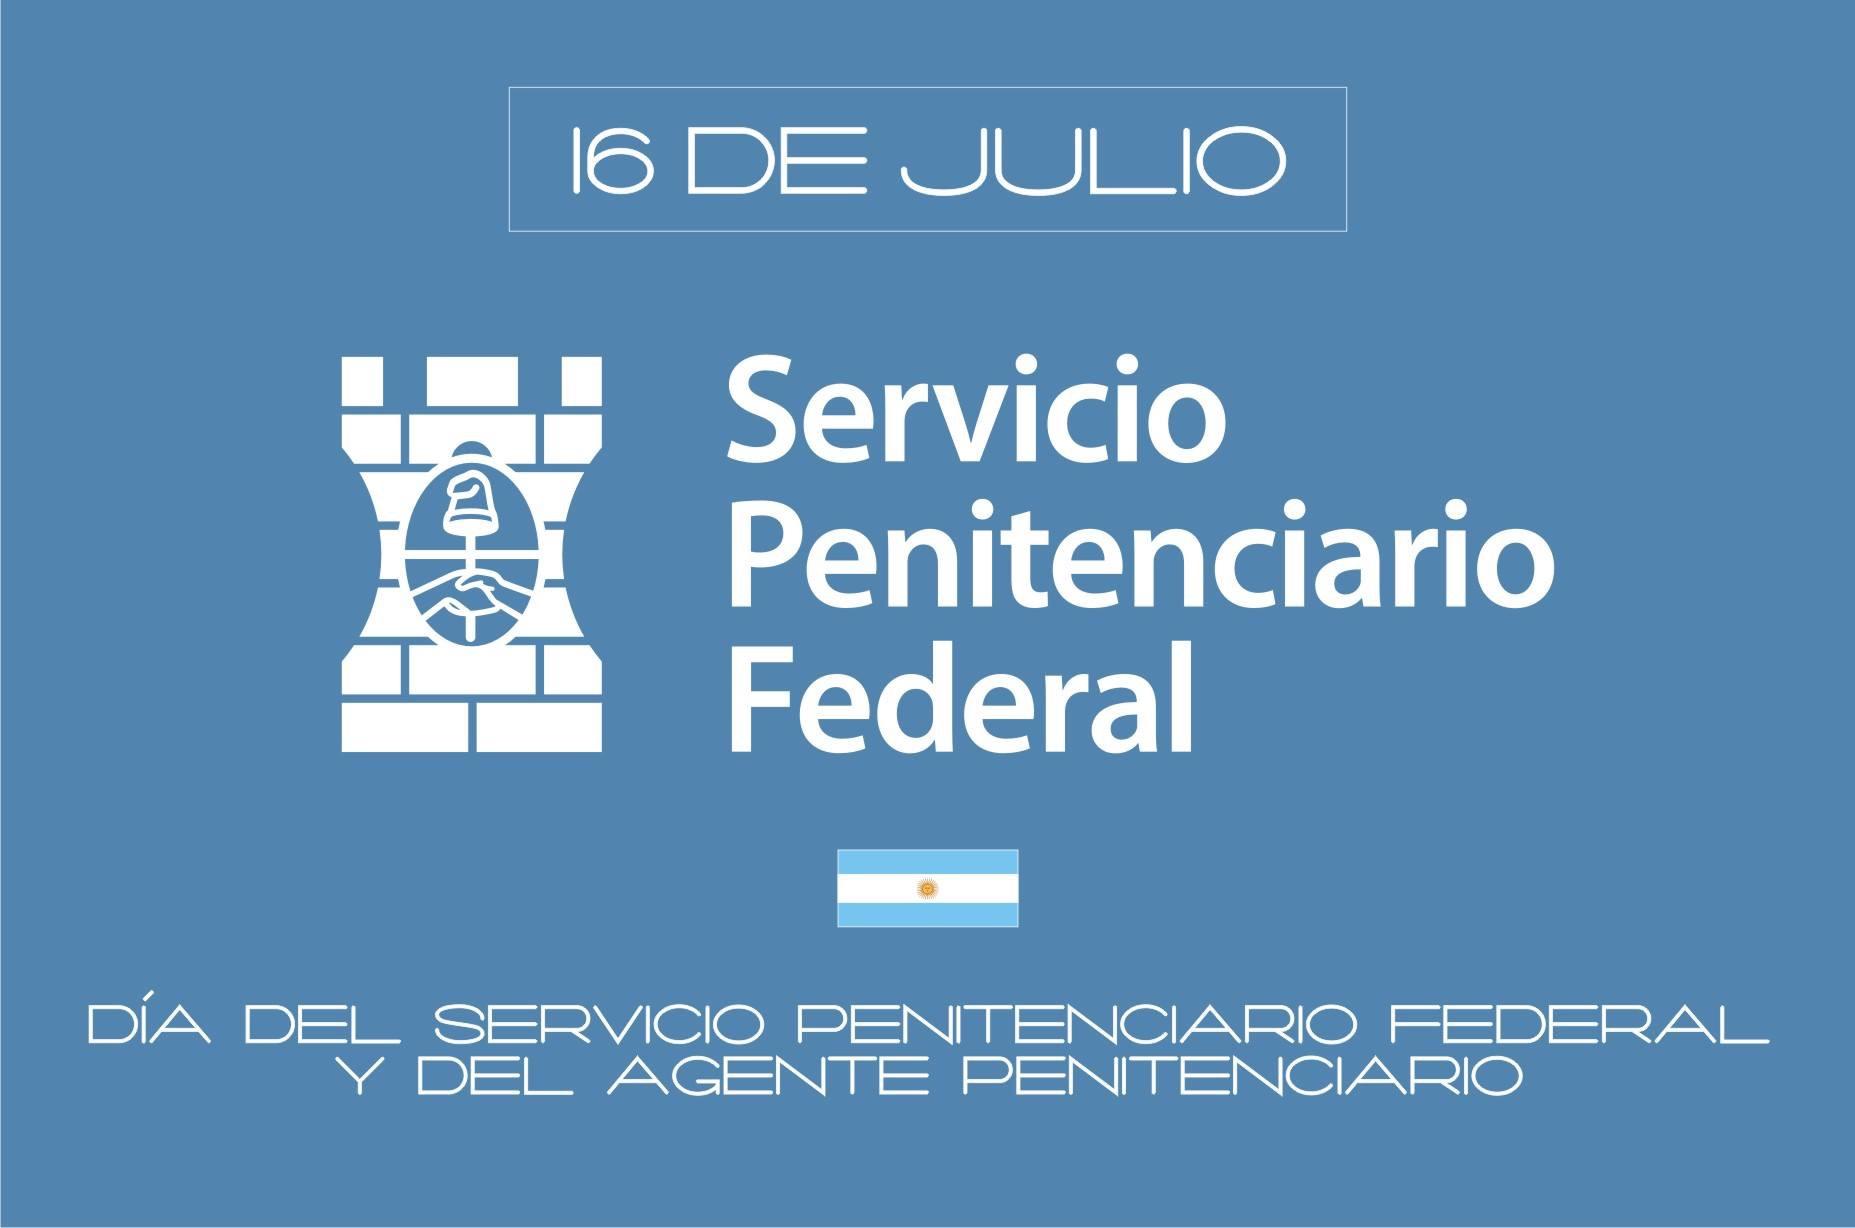 El ministro de Justicia y Derechos Humanos, Germán Garavano, saluda al personal del Servicio Penitenciario.